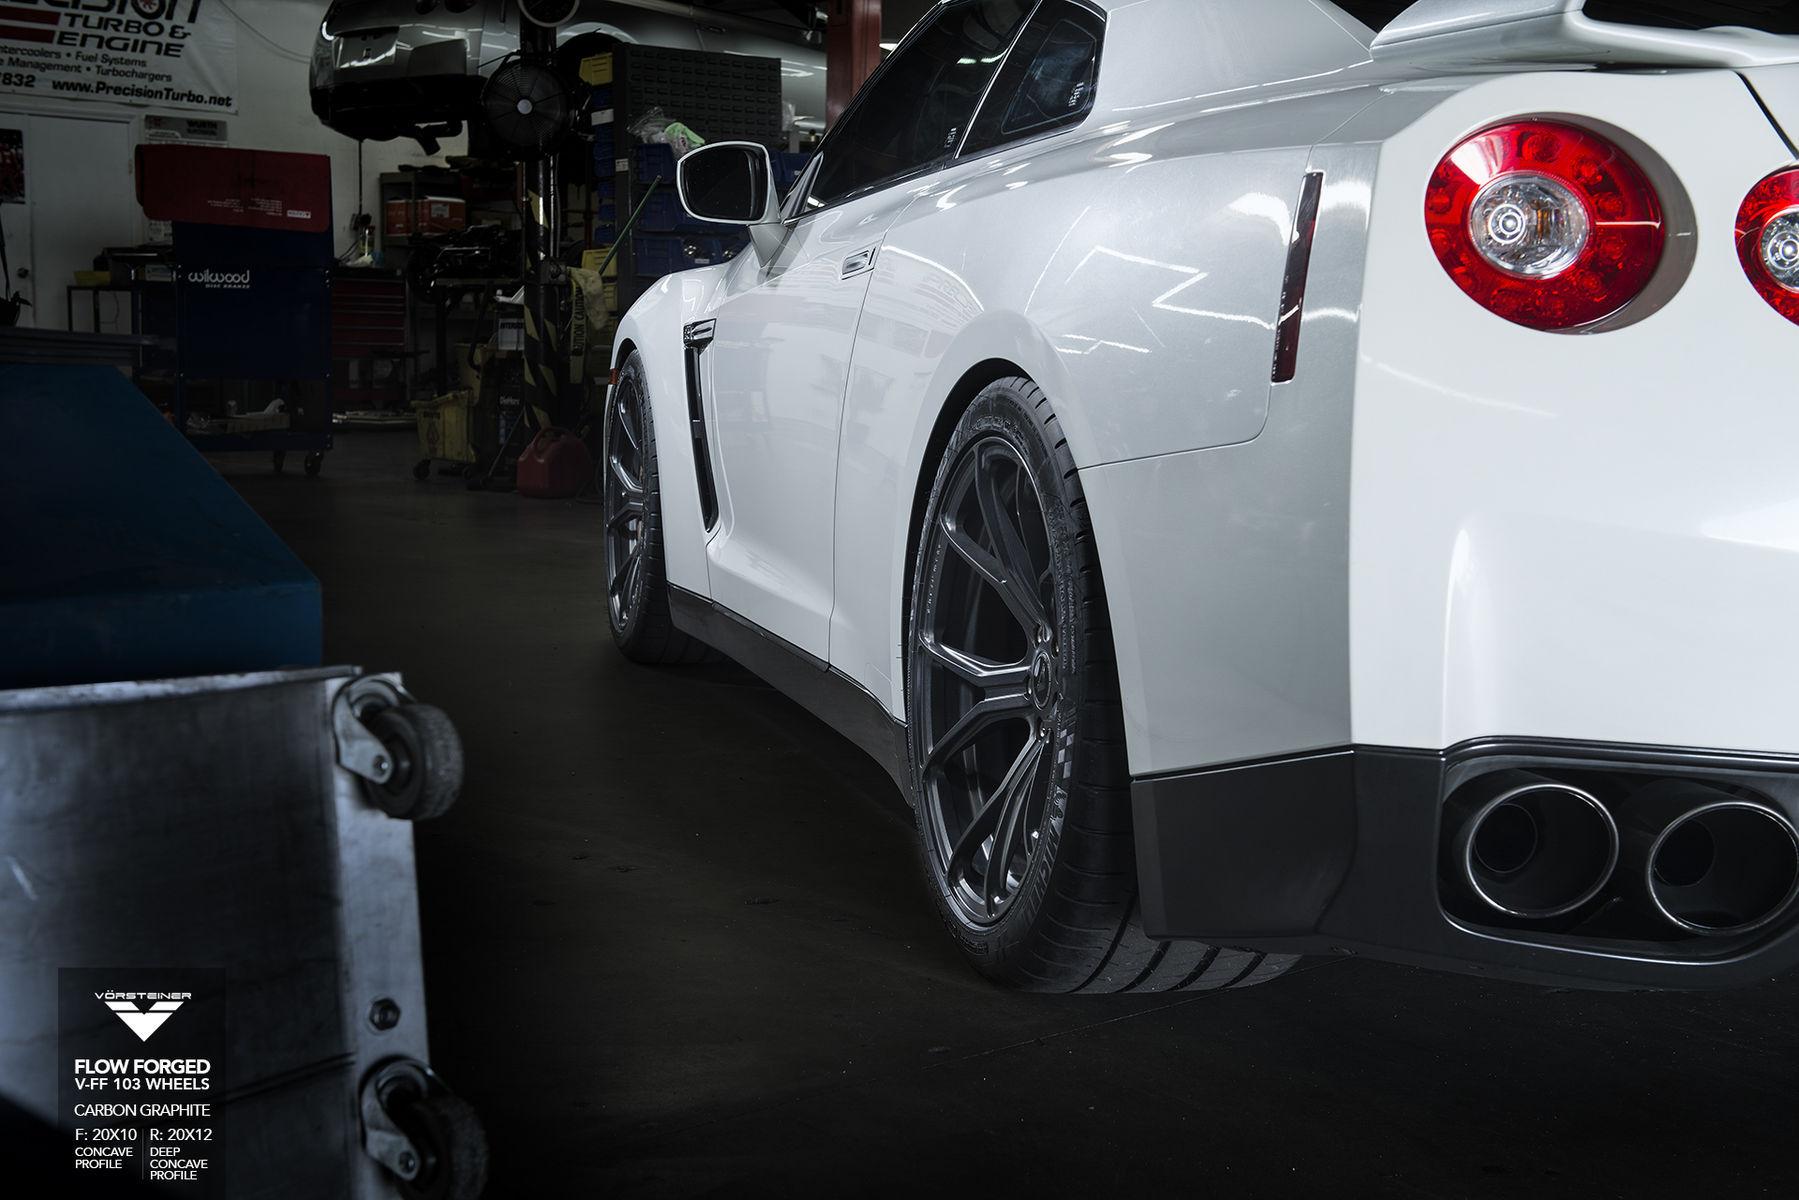 2015 Nissan GT-R | Nissan GTR - Vorsteiner Flow Forged V-FF 103 Wheels